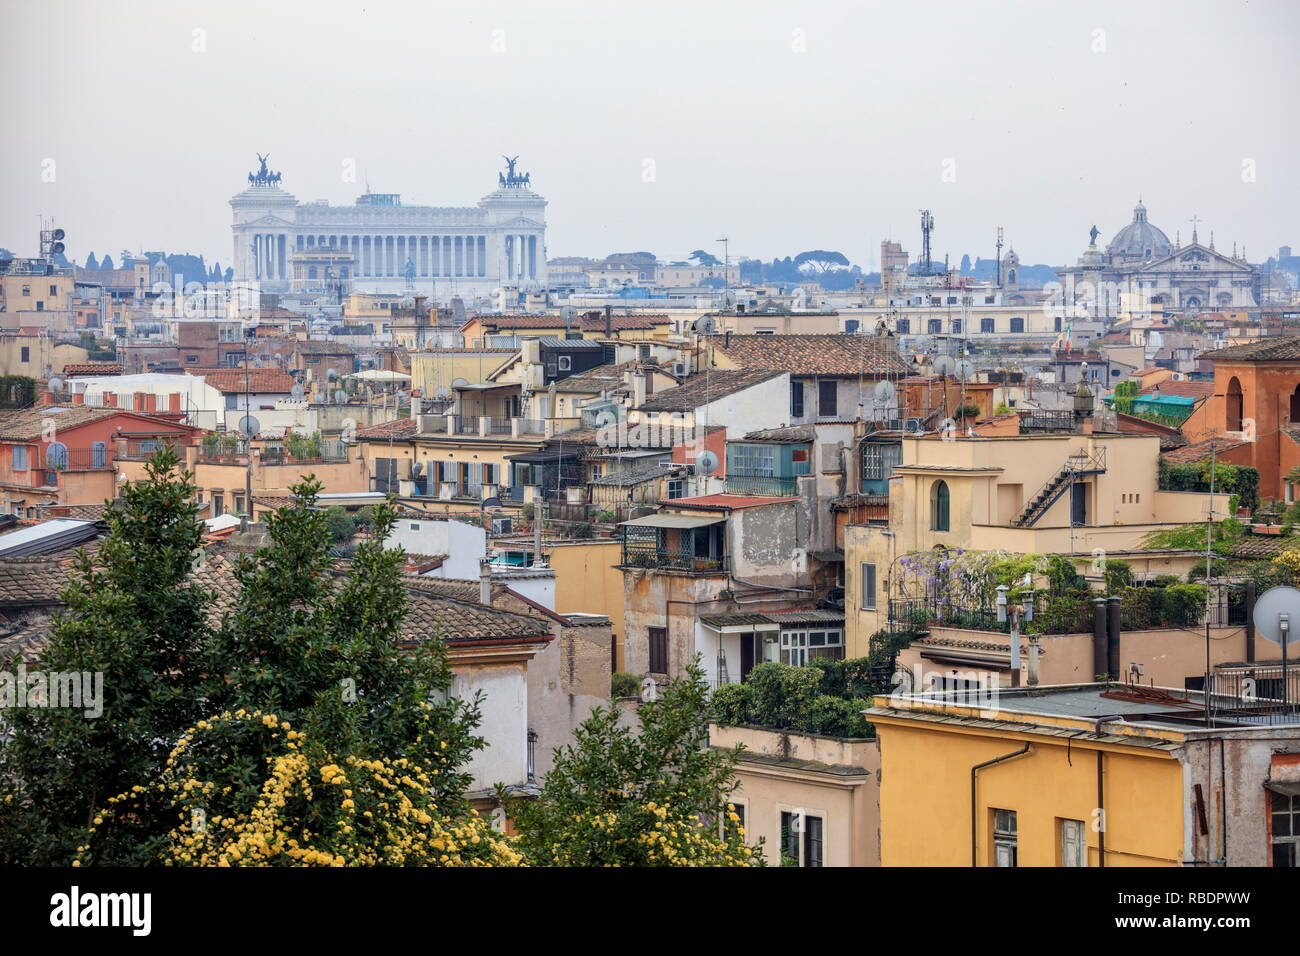 Une vue sur la ville en direction de Basilica di San Pietro et Vittoriano à partir d'une terrasse du Pincio Rome Lazio Italie Europe Photo Stock